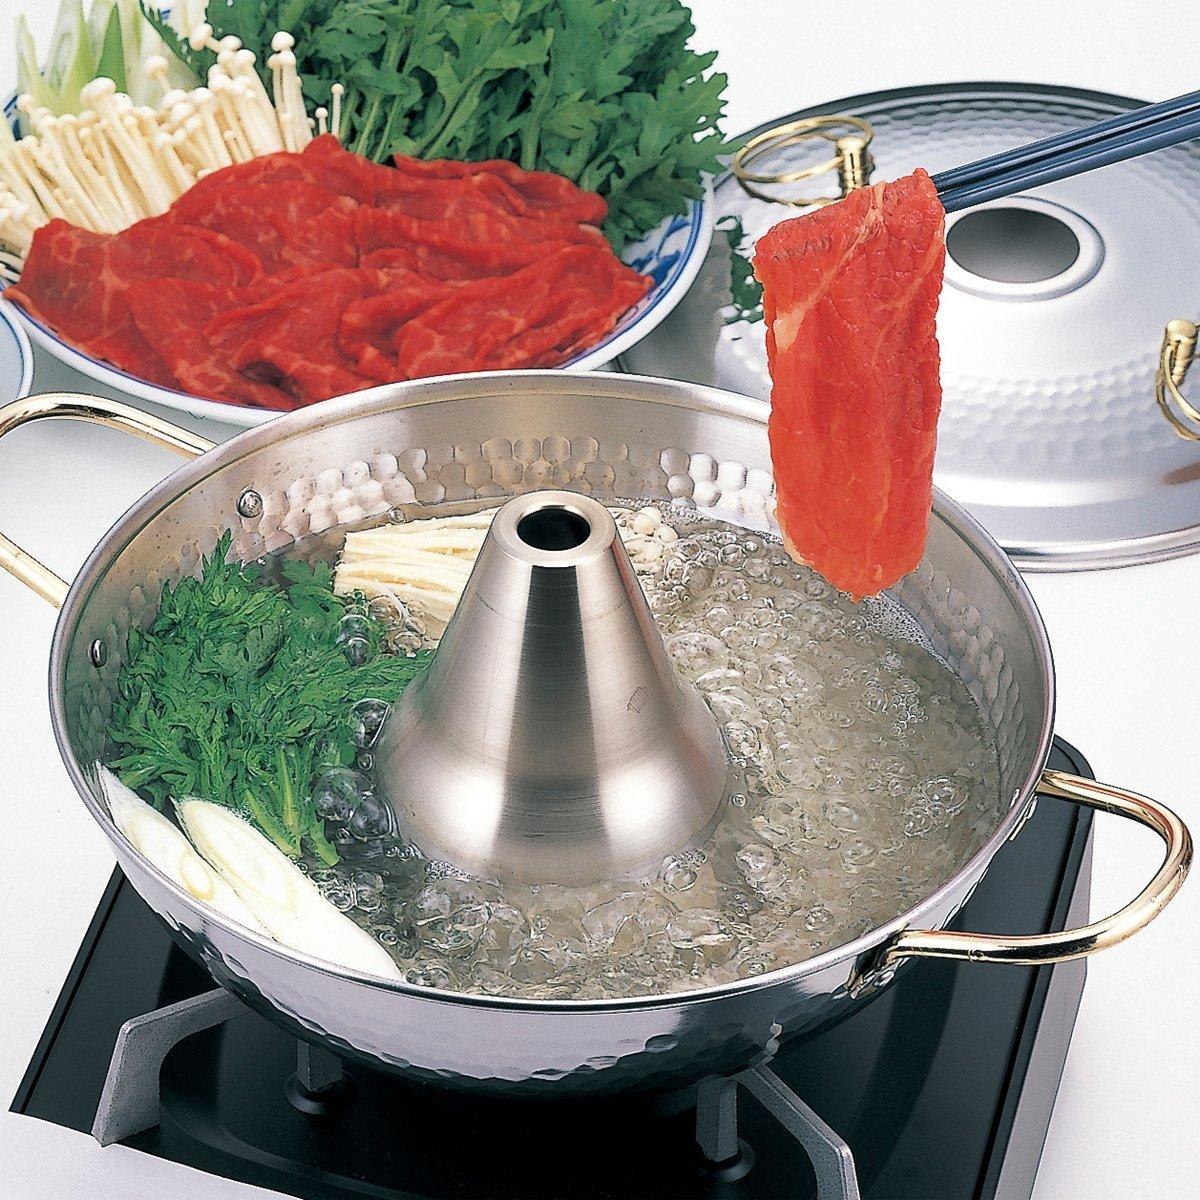 しゃぶしゃぶ鍋のおすすめ6選!おうちで本格的な味を